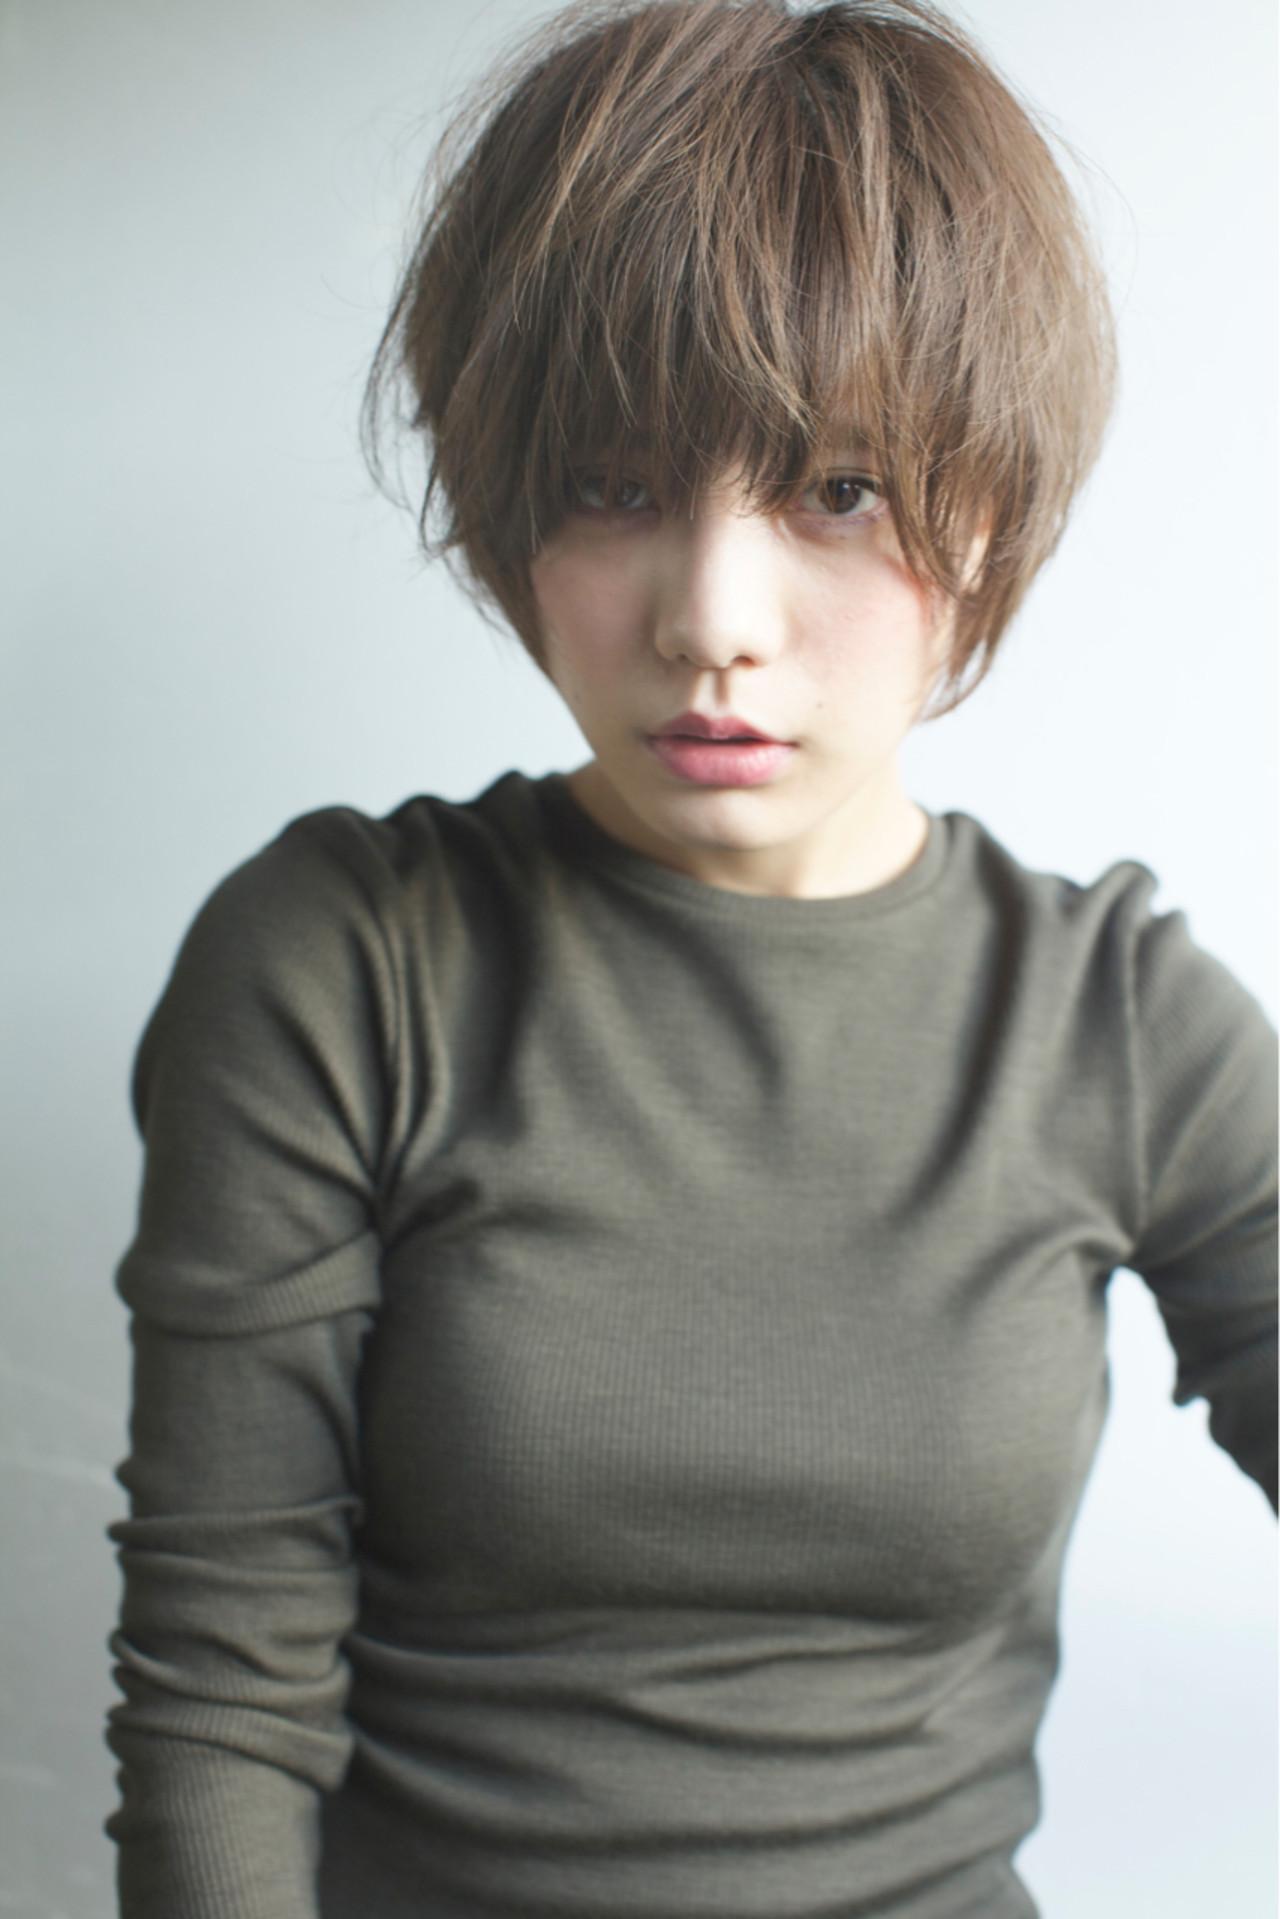 大人女子に人気の髪型とは?力の抜けたナチュラルさが魅力のヘアスタイル10選  佐脇 正徳